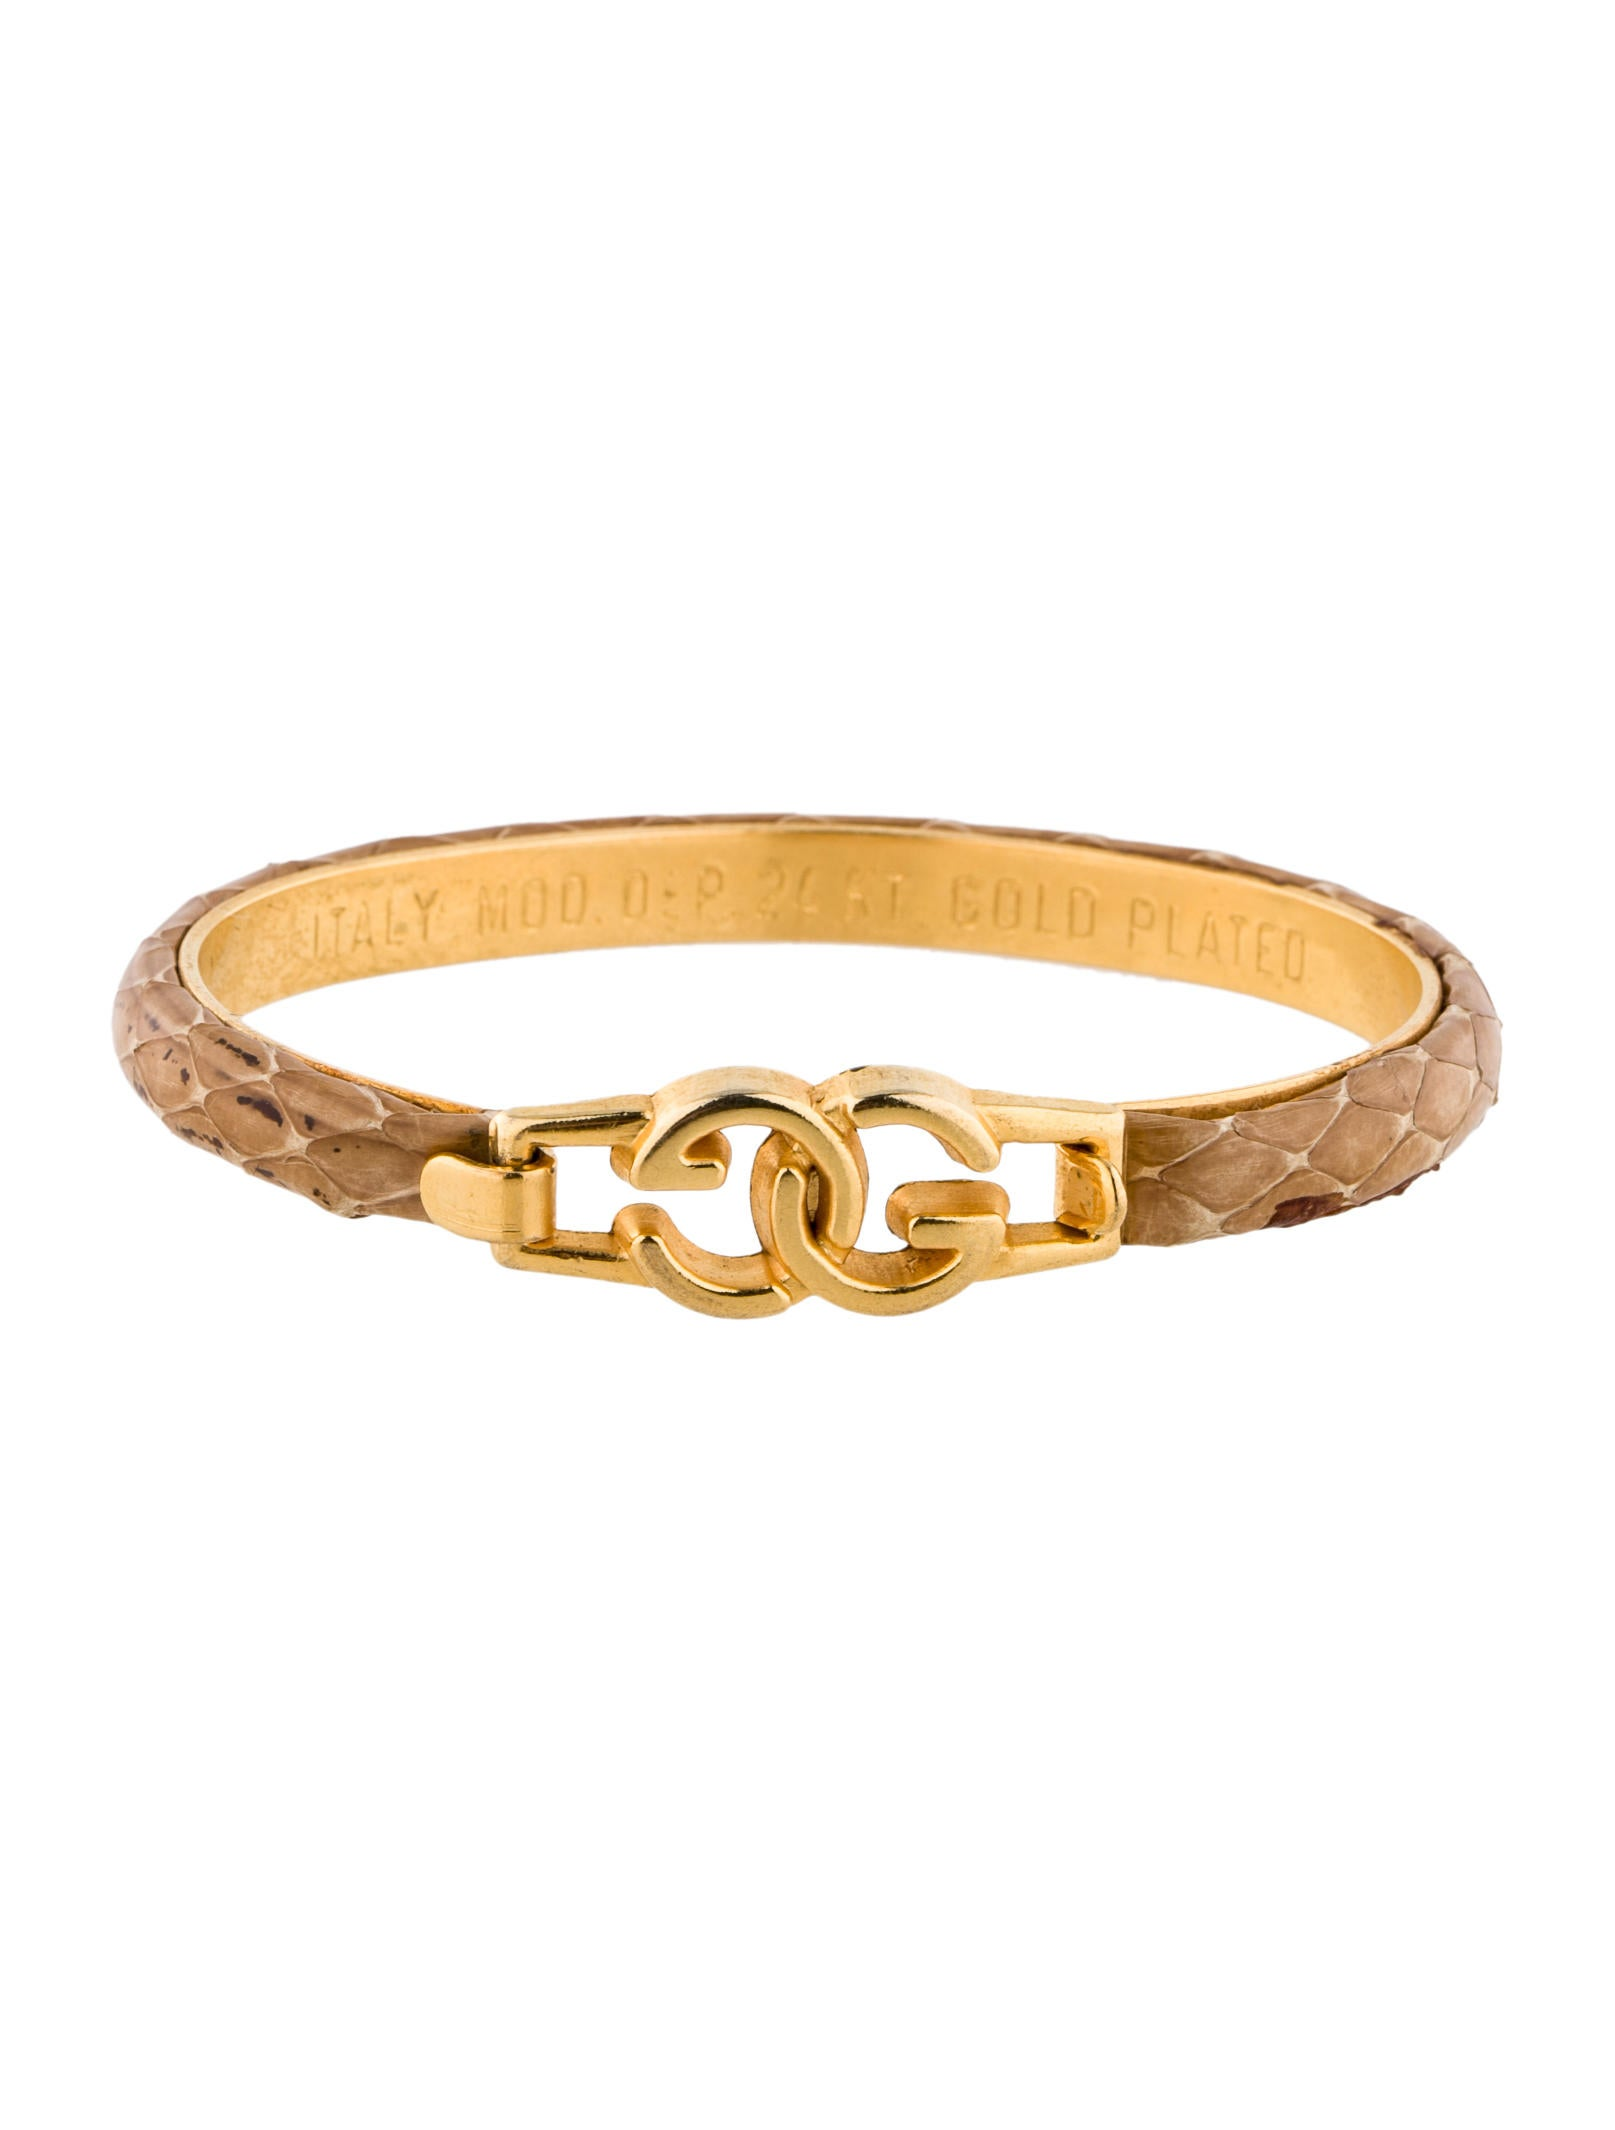 db6aab6abdc Gucci Snakeskin Bracelet - Bracelets - GUC56873